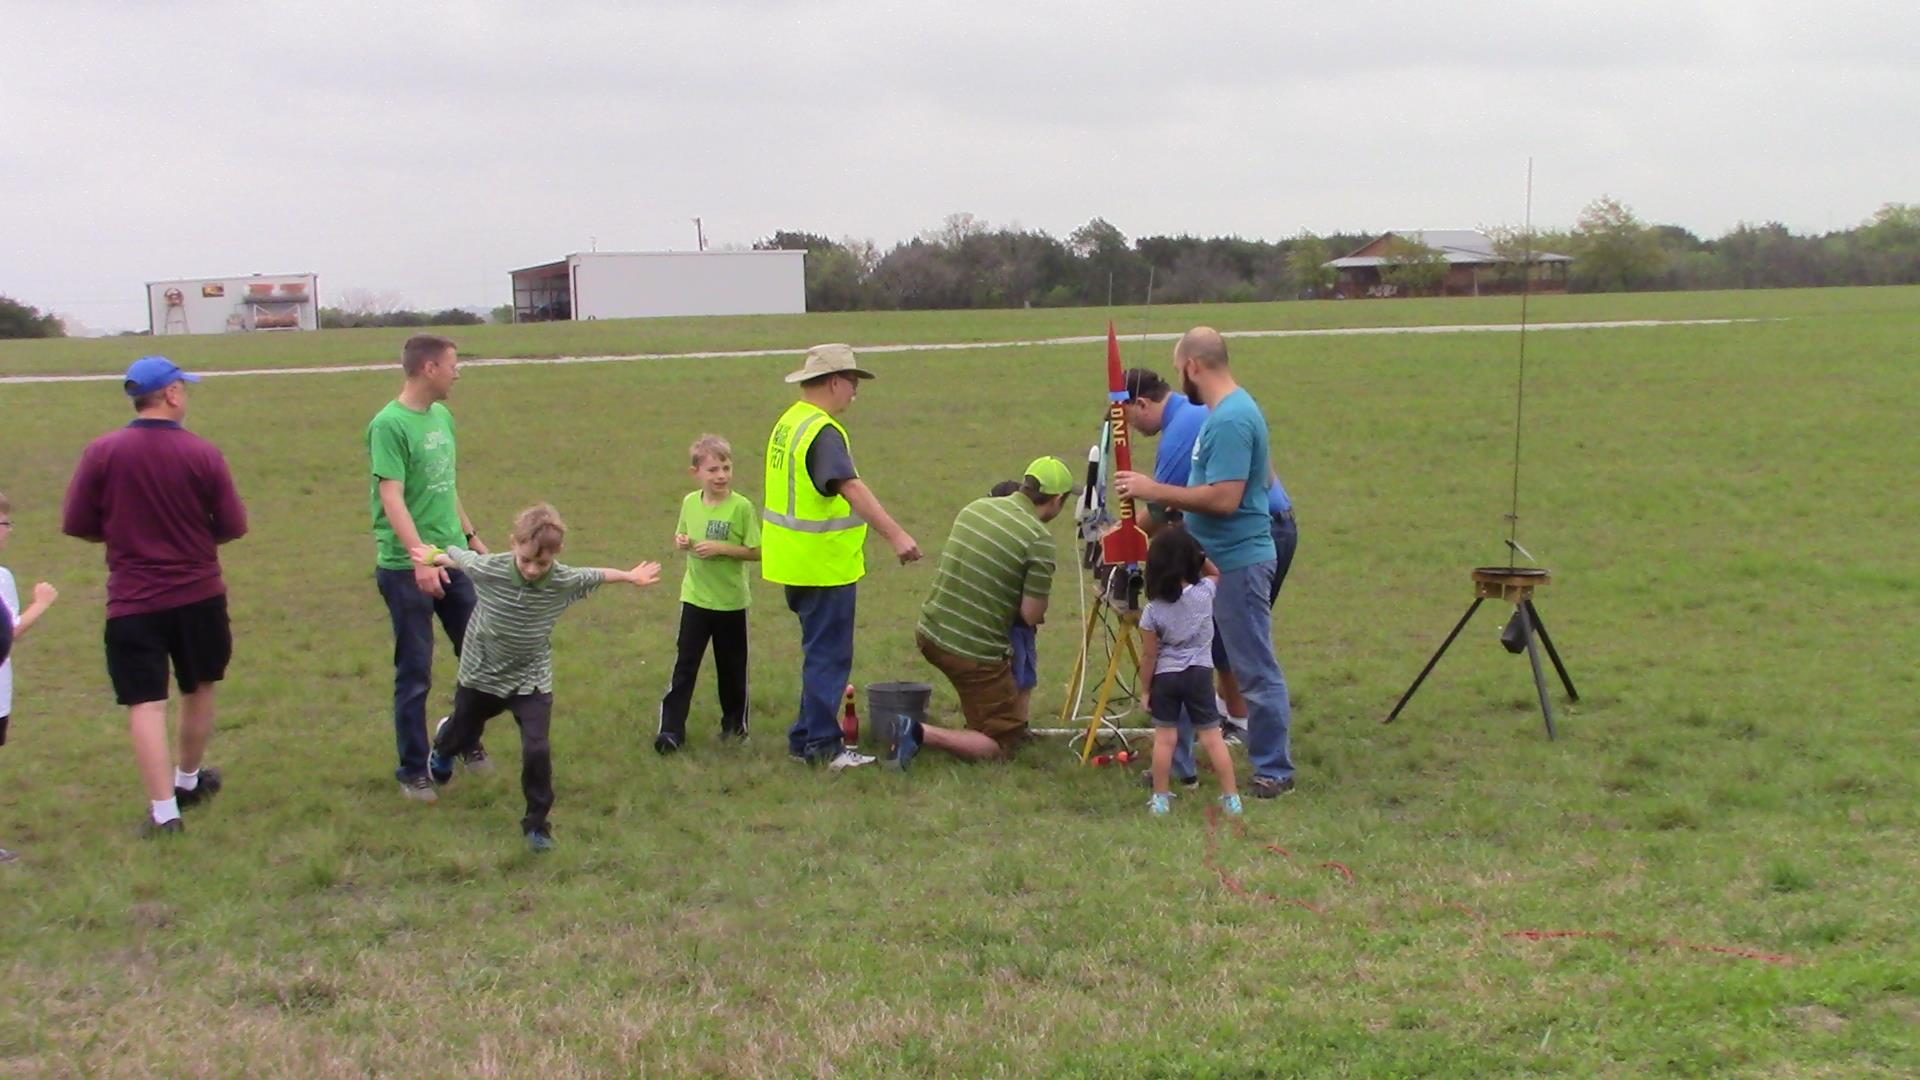 Family-friendly Model Rocket Launch